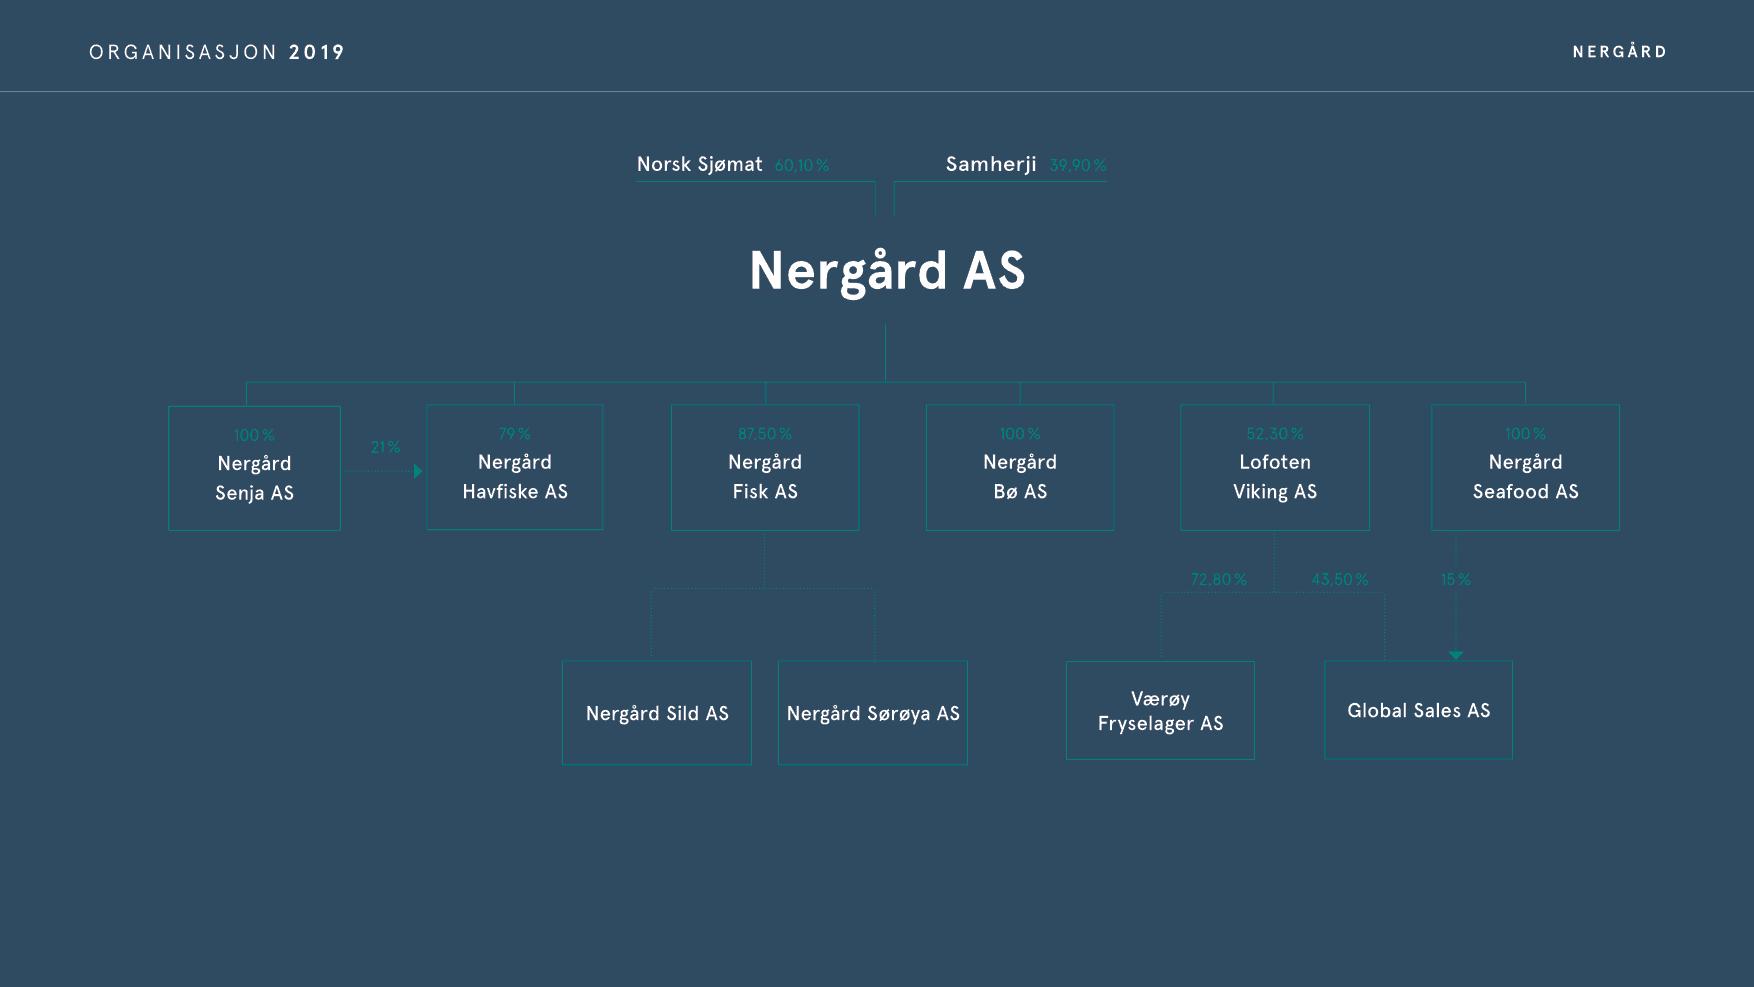 Nergård organisasjonskart